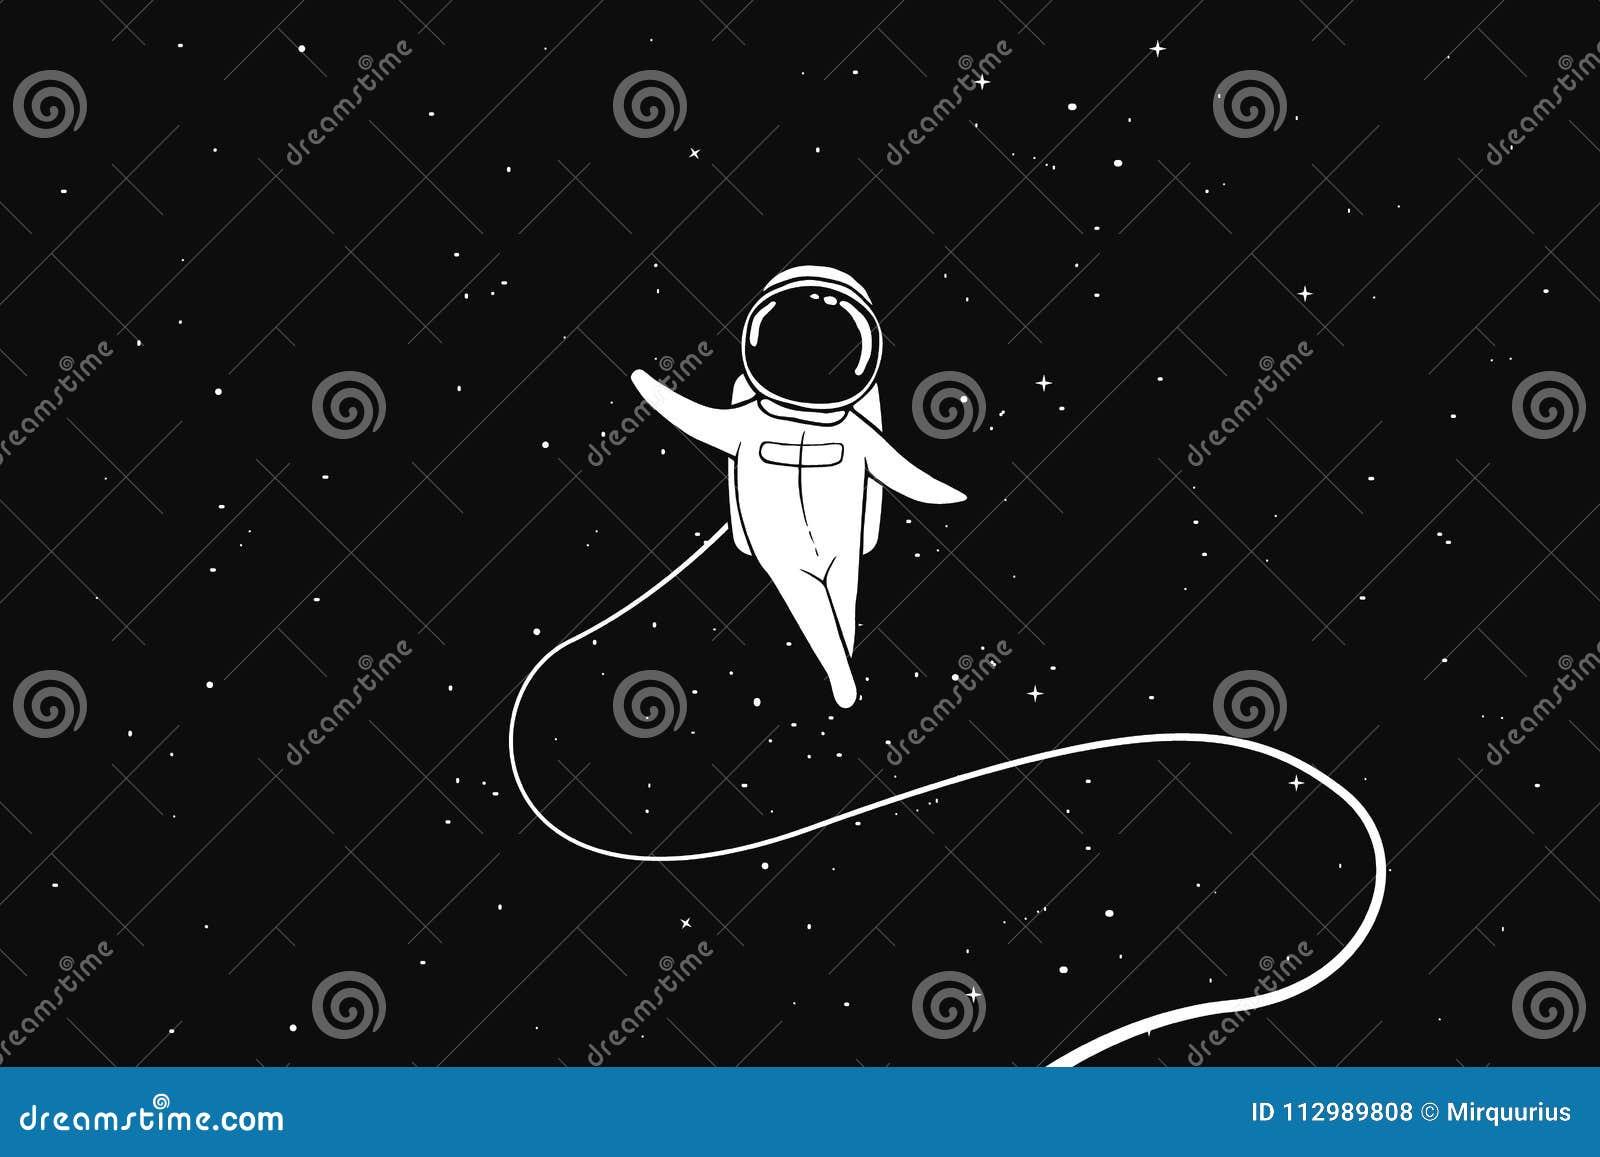 Astronauta lata samotnie w kosmosie